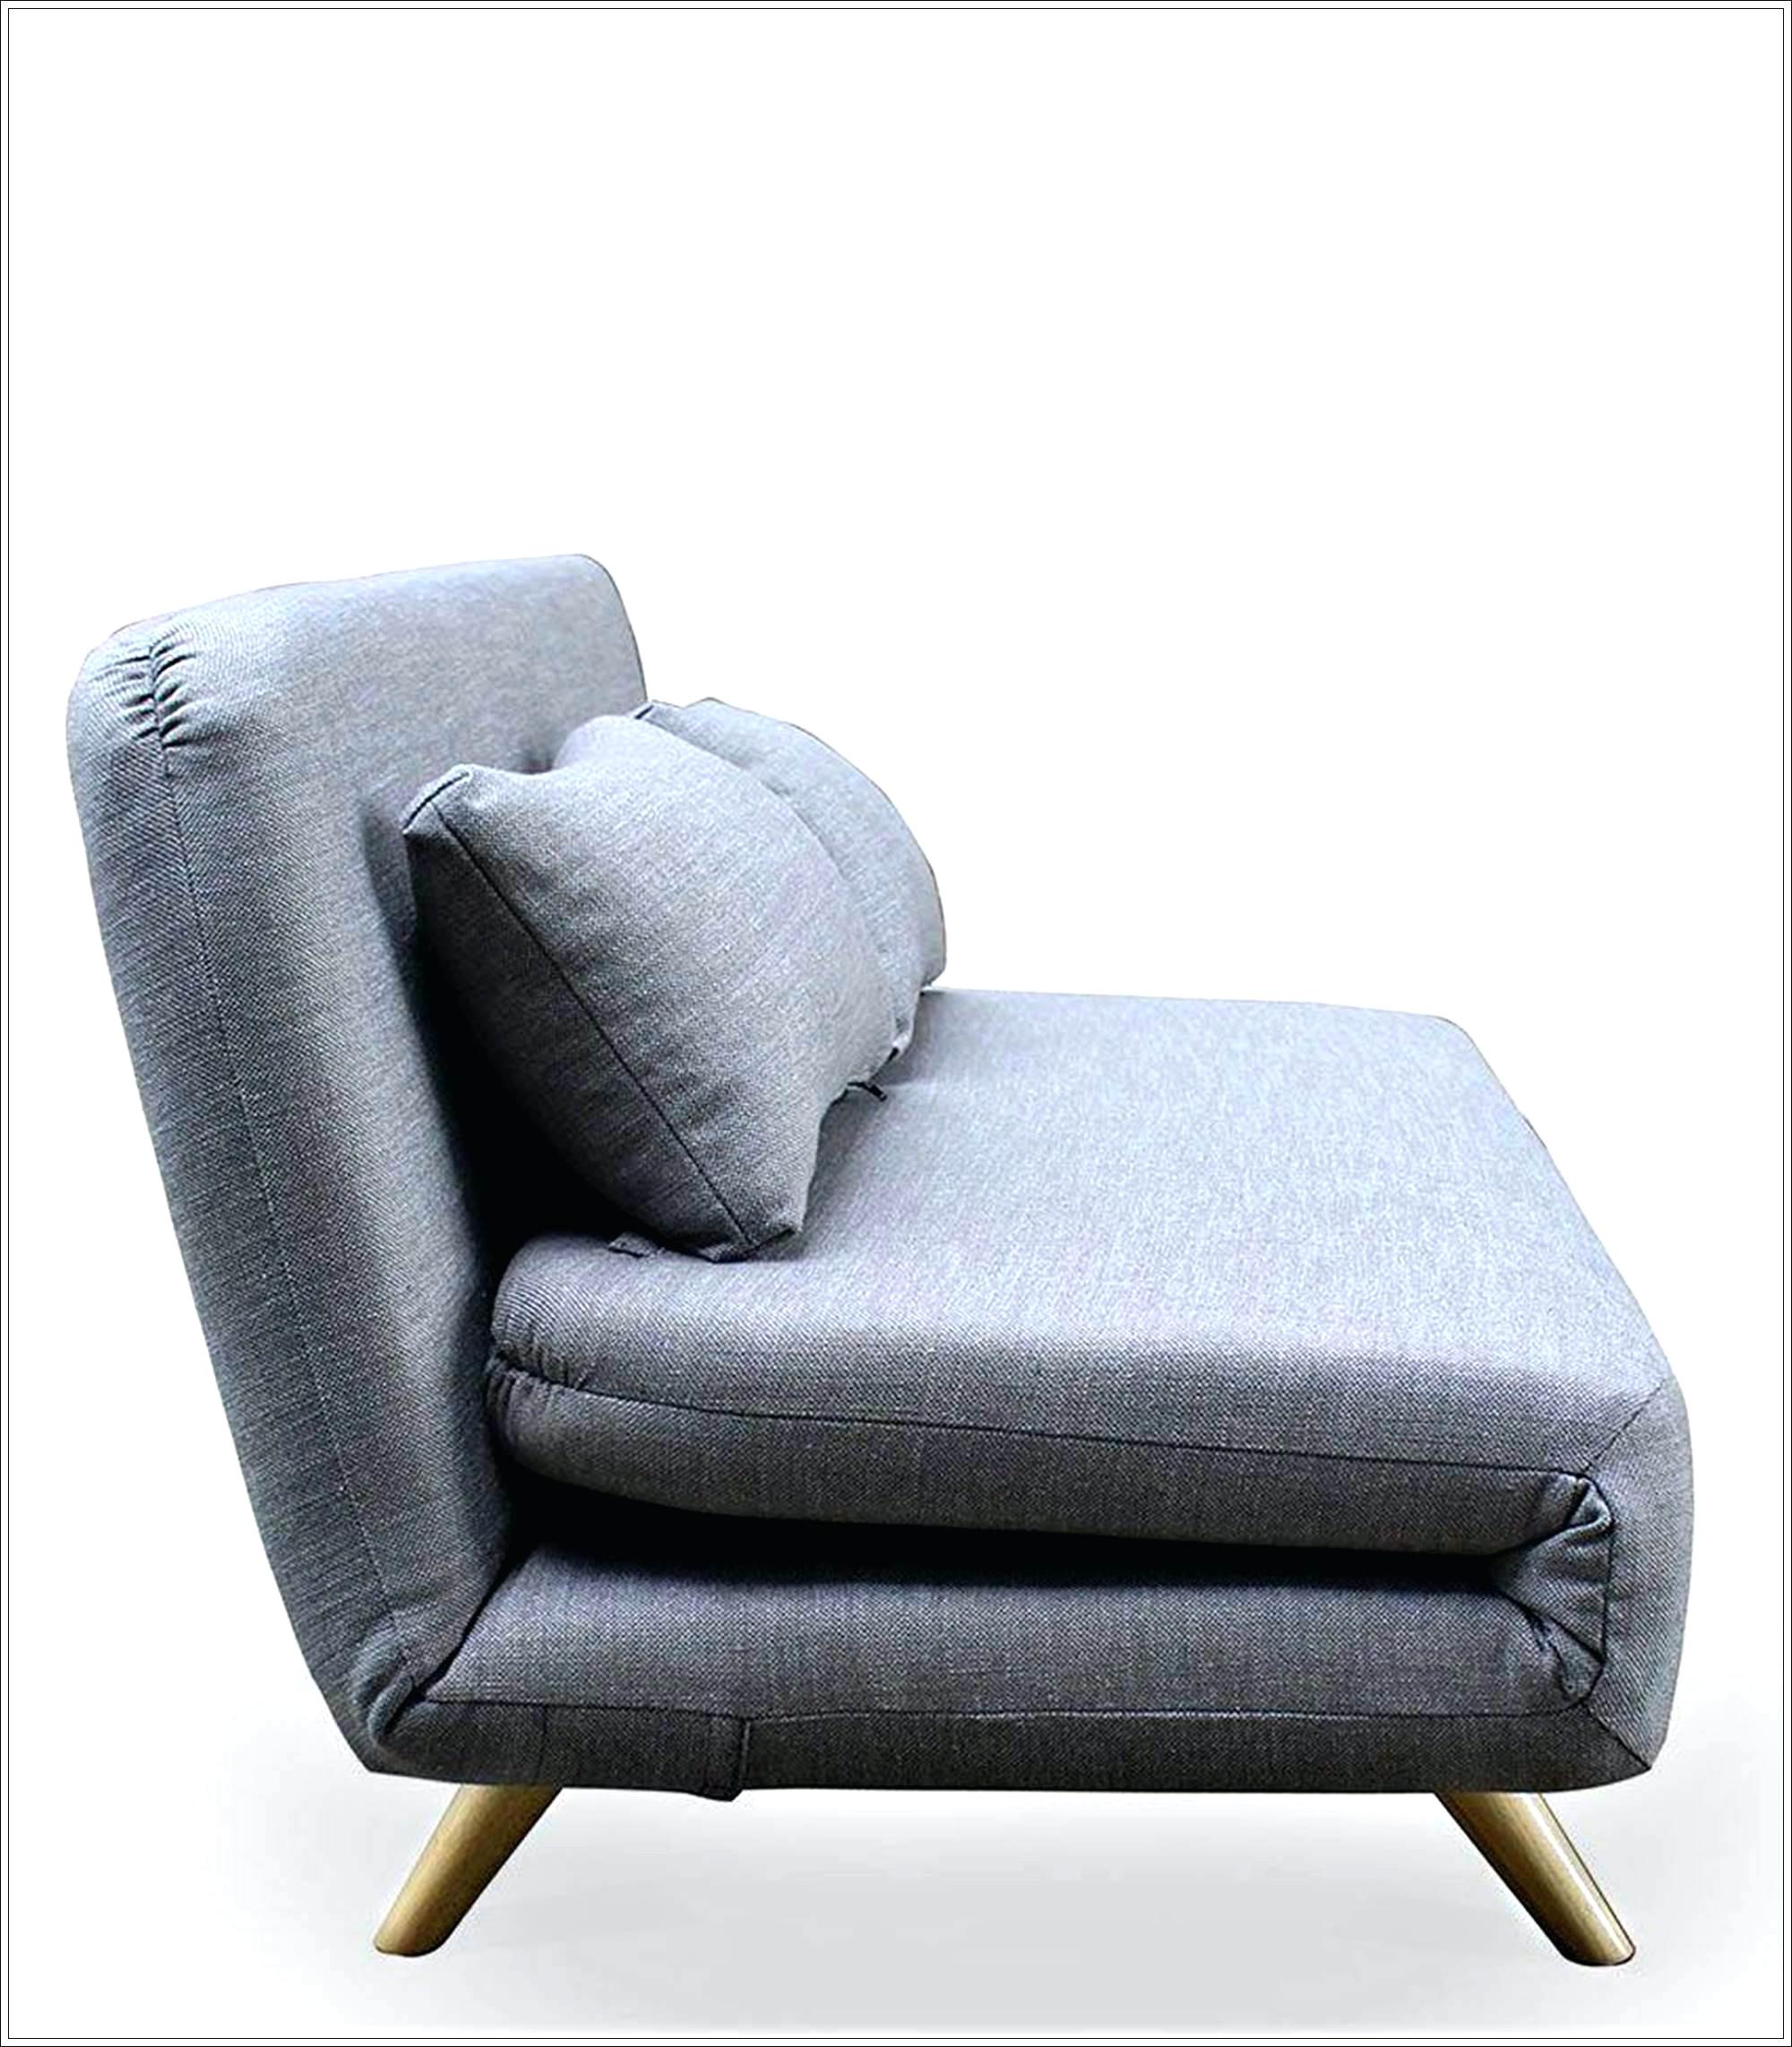 housse de clic clac ikea meilleur de images sur matelas. Black Bedroom Furniture Sets. Home Design Ideas